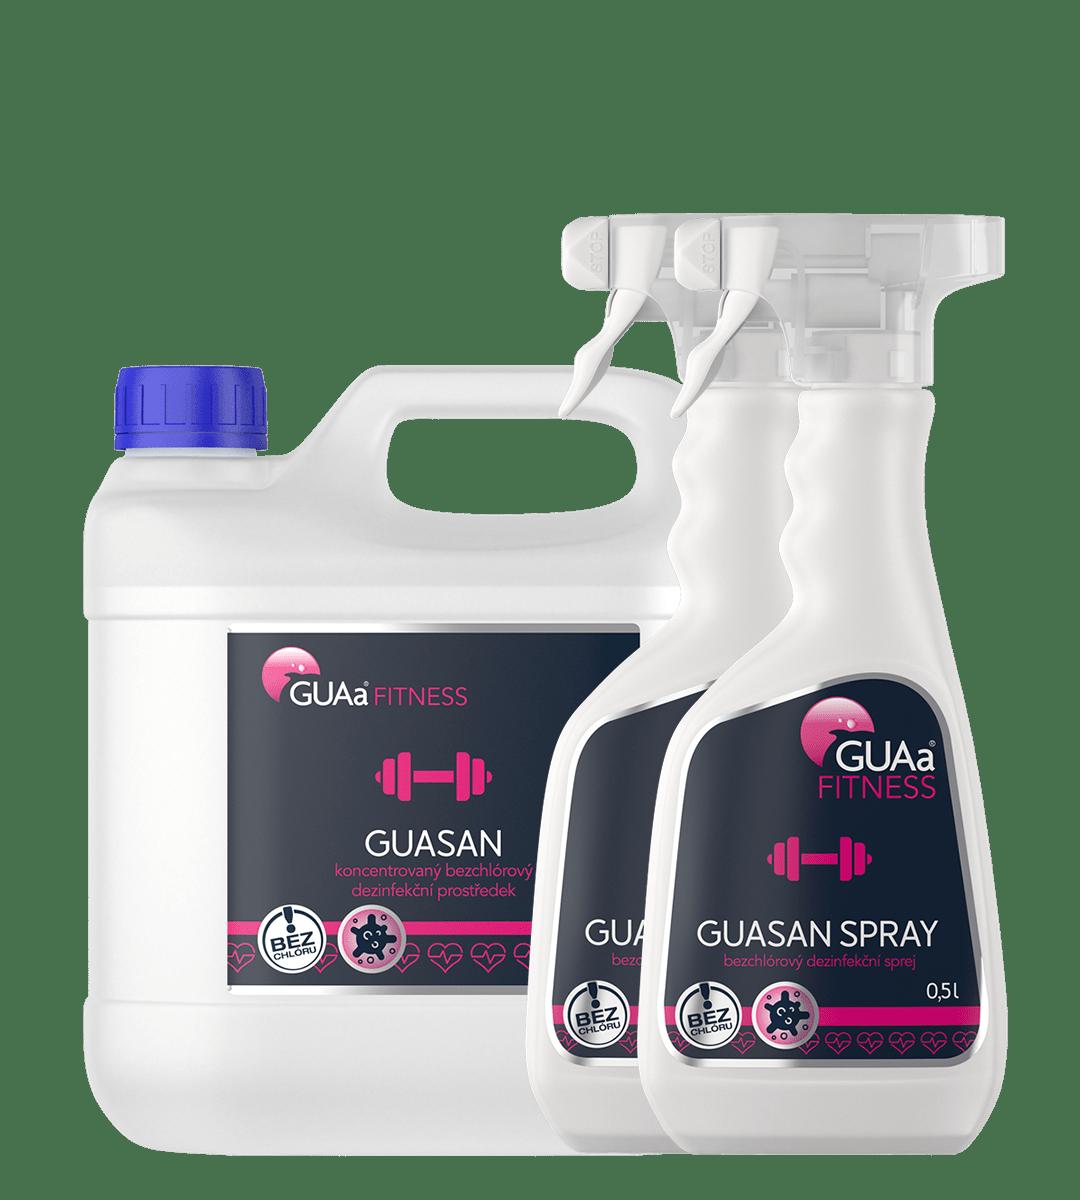 GUAa FITNESS GUASAN MEDIUM SET - střední sada bezchlórové dezinfekční chemie